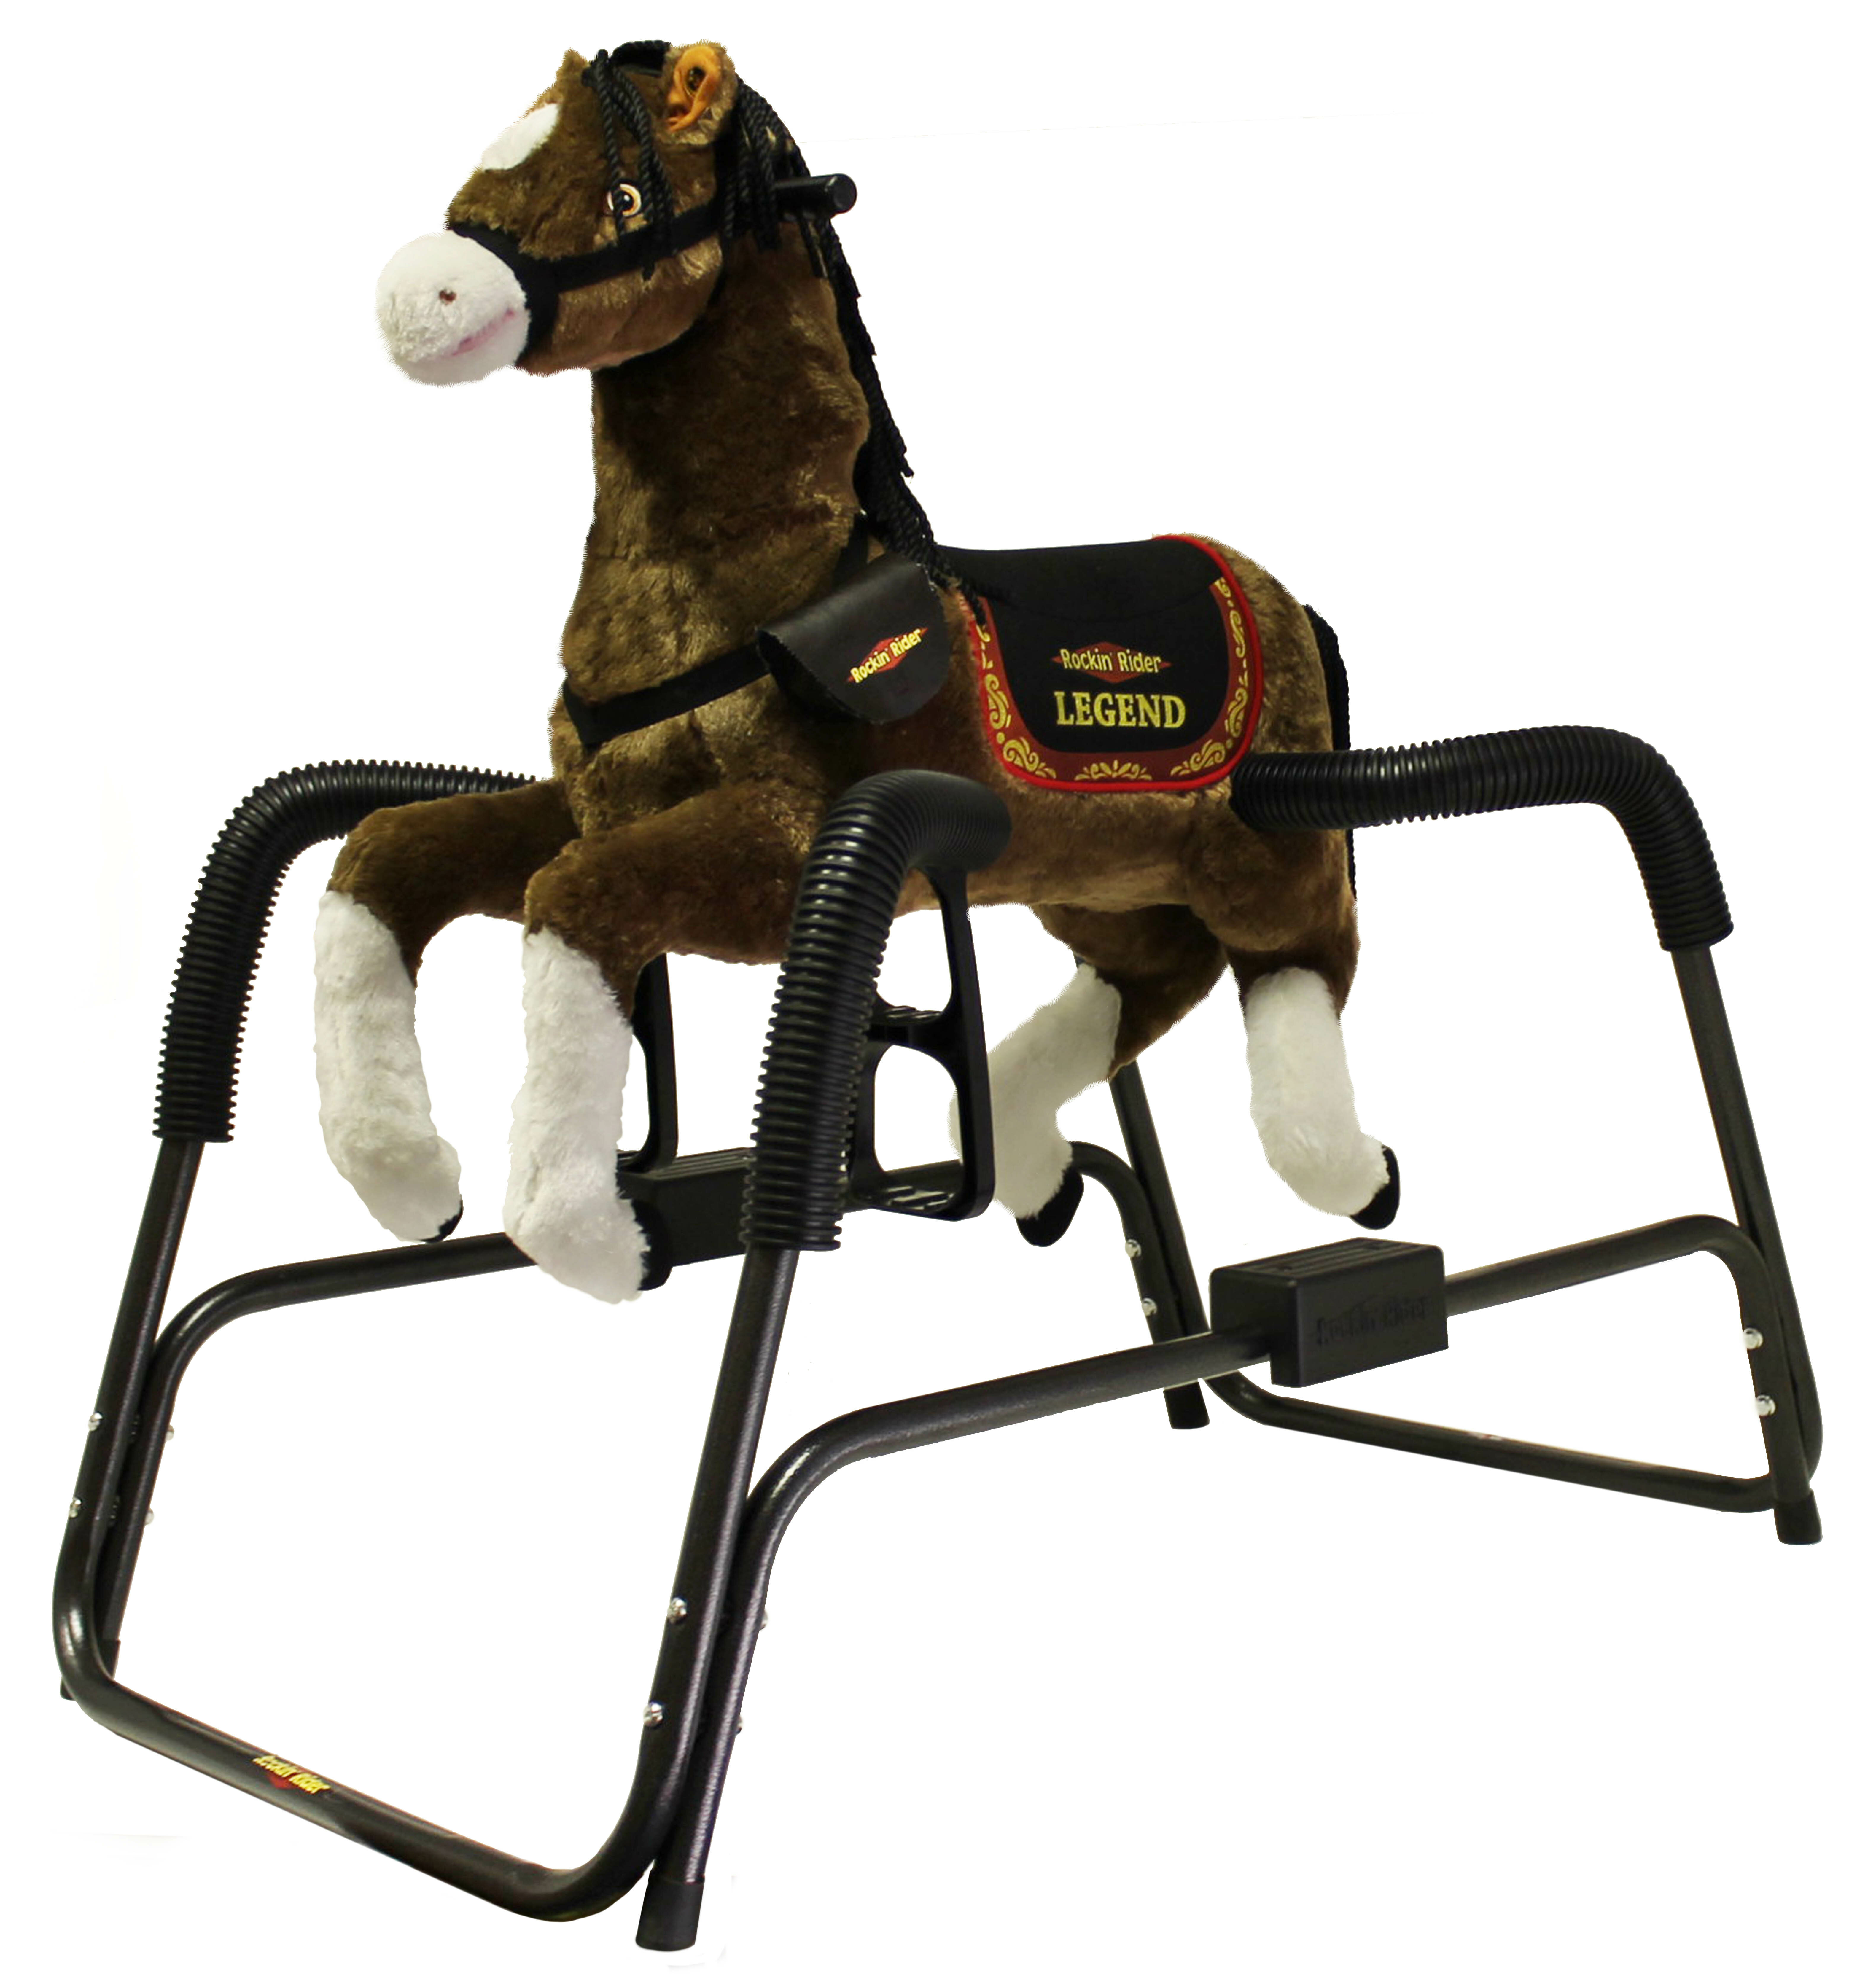 Rockin\' Rider Legend Spring Horse   Wayfair